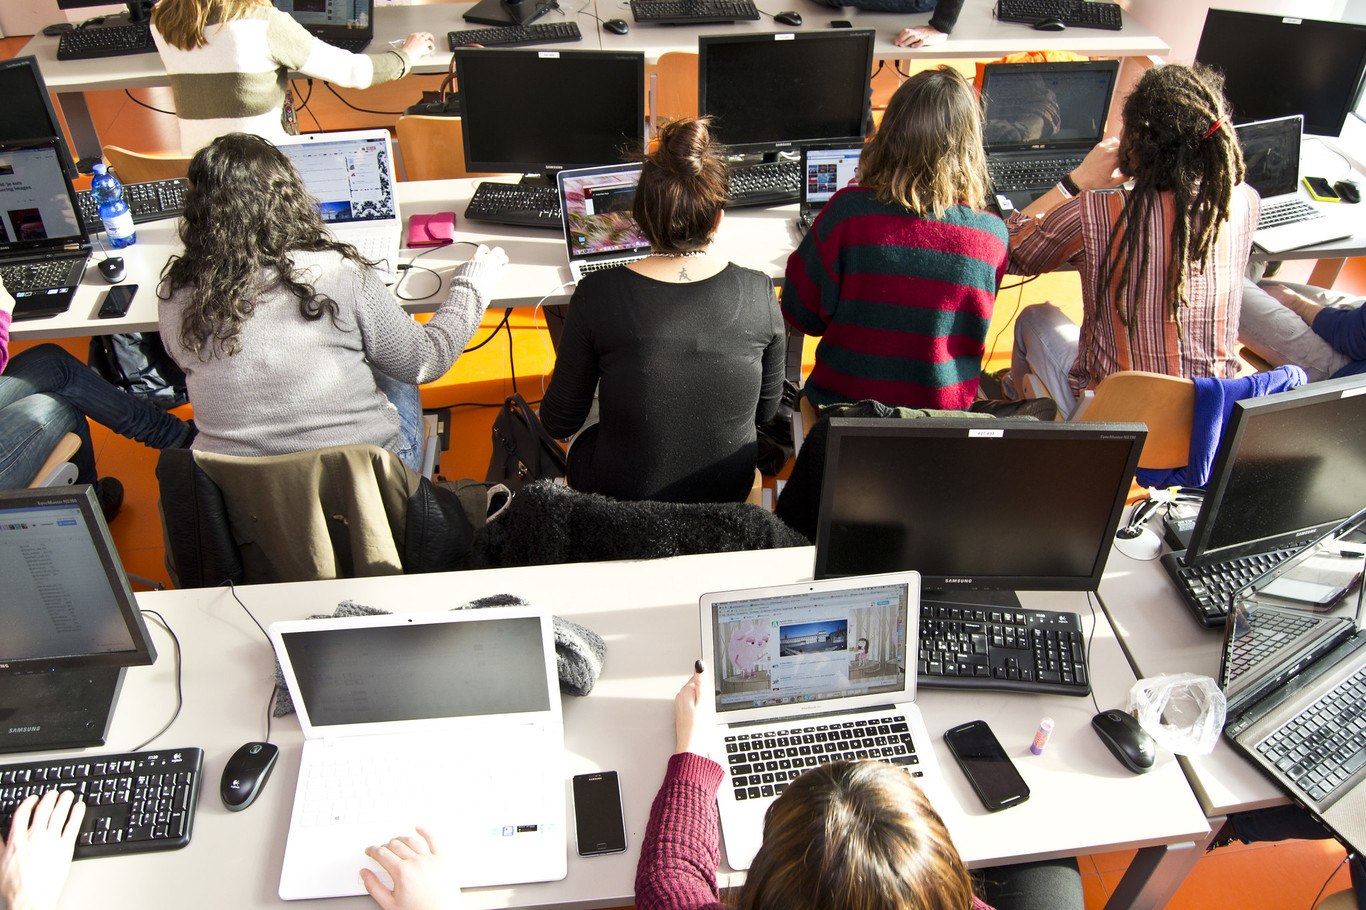 وزارة التعليم الإسبانية جهاز كمبيوتر العائلات الضعيفة 500 أجهزة لوحية